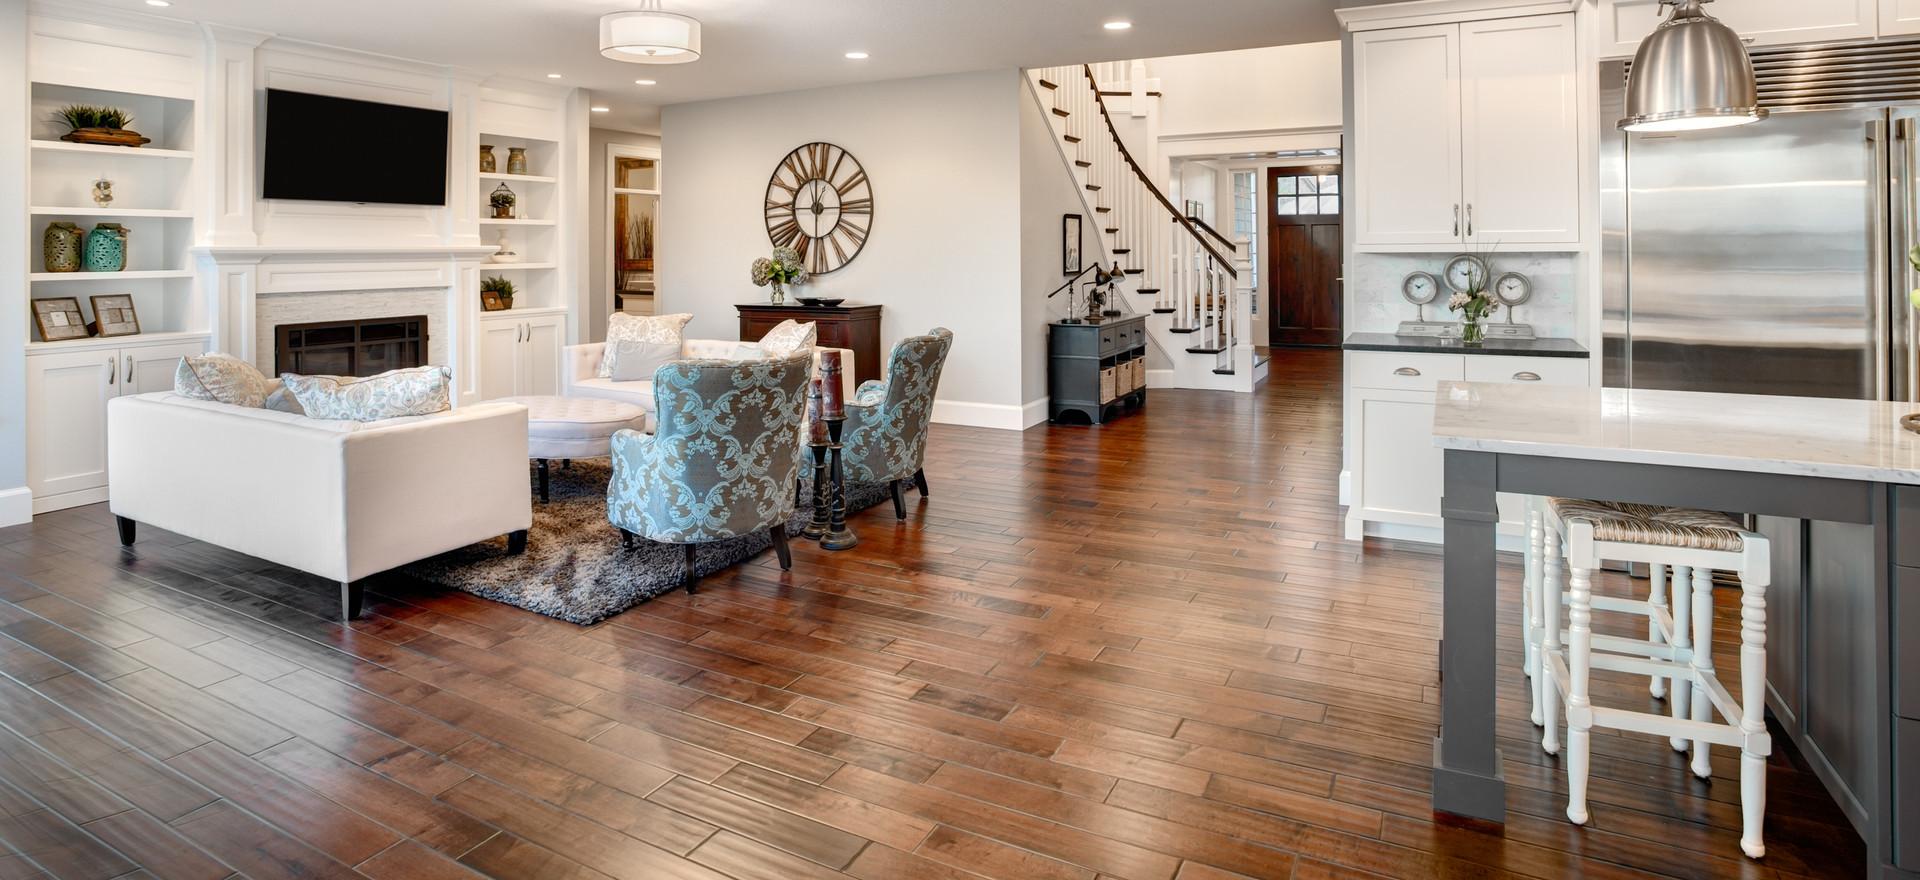 Modern living Space in Luxury Vinyl Tiles